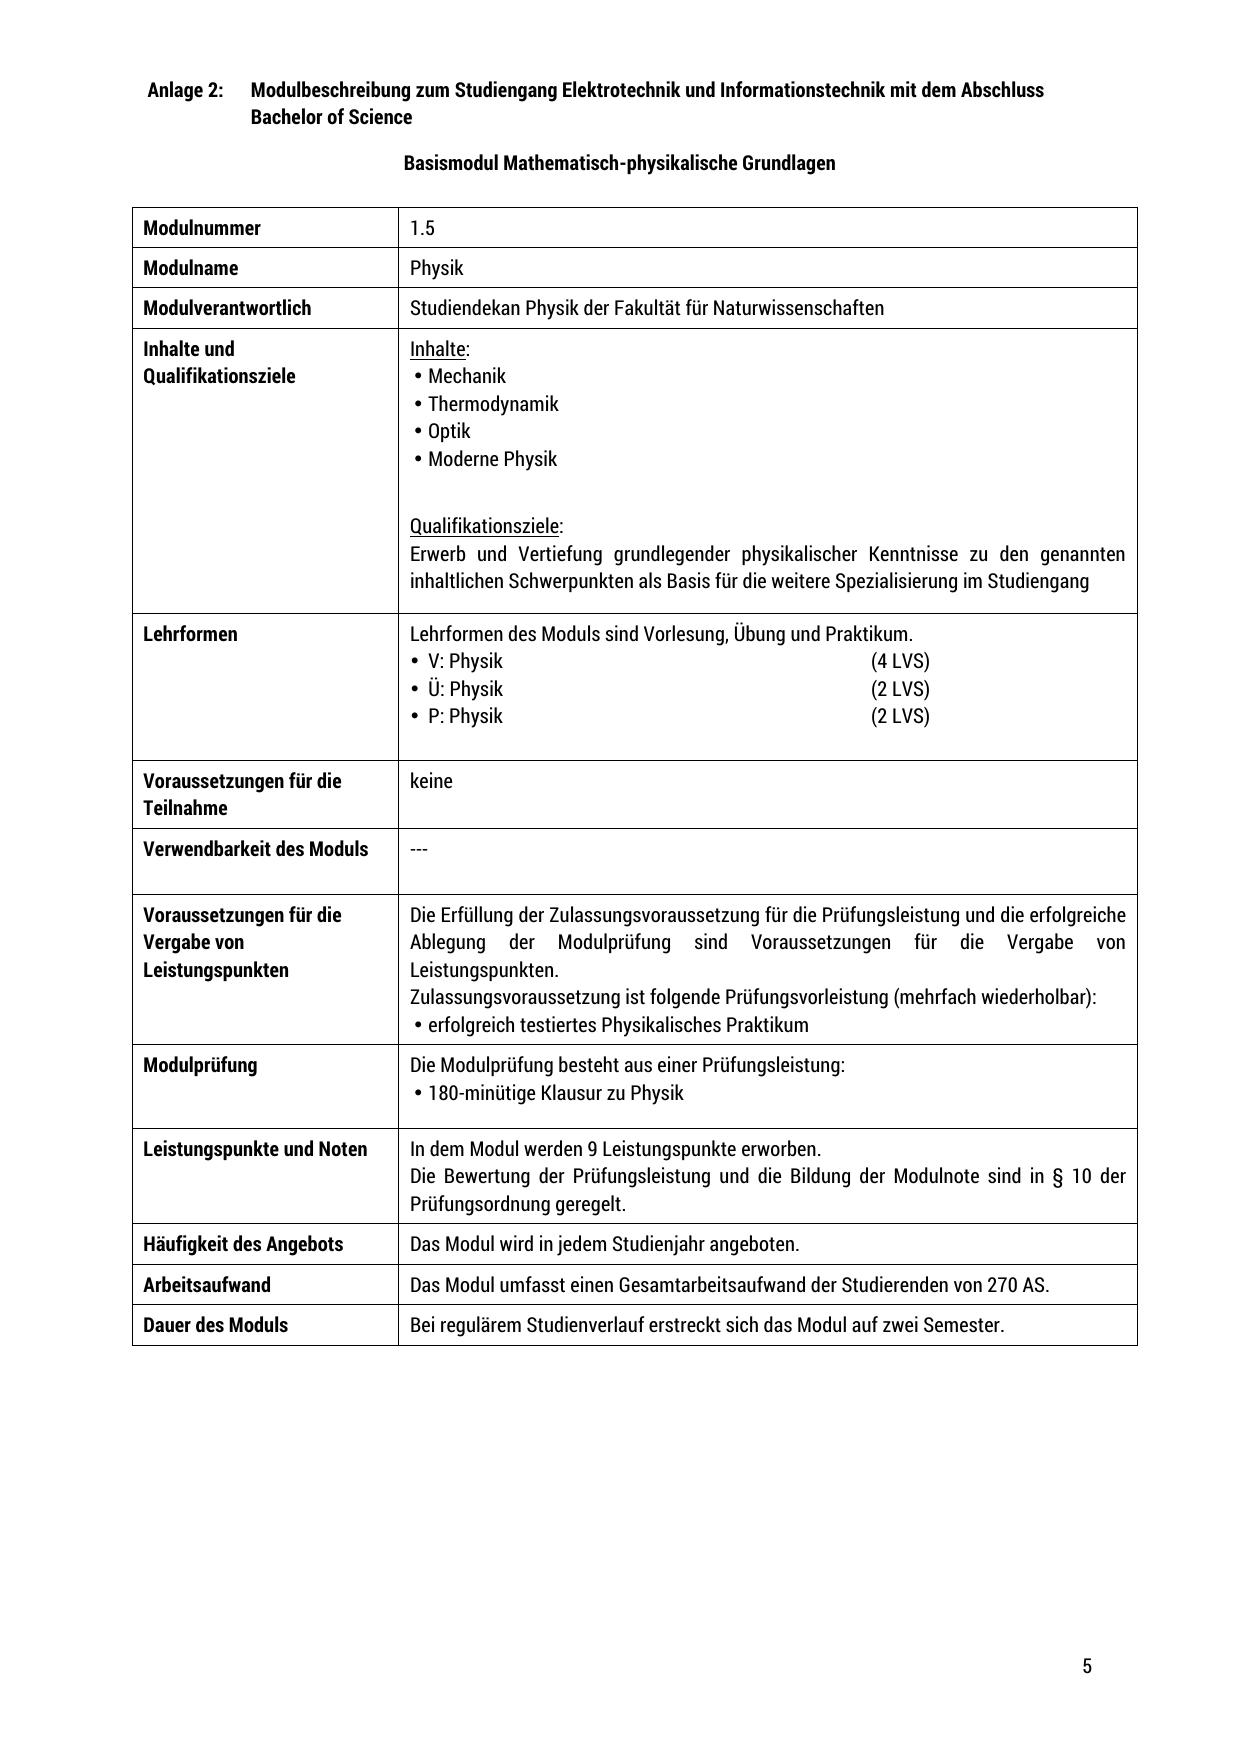 Anlage 2: Modulbeschreibung zum Studiengang Elektrotechnik und